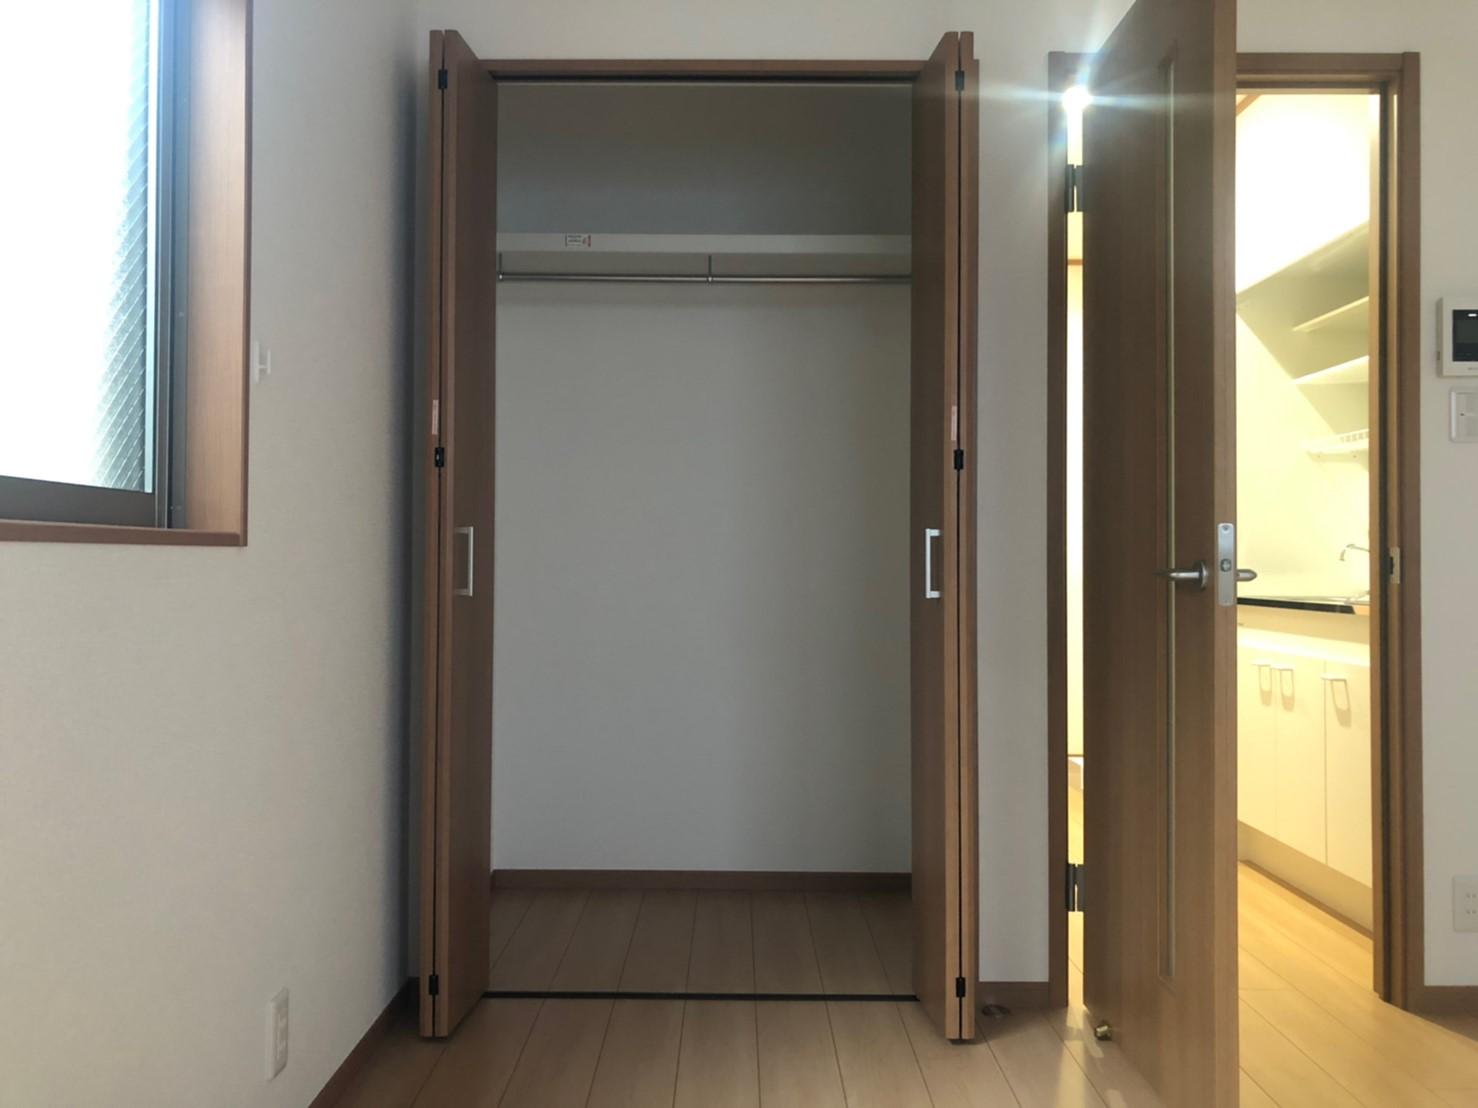 収納スペース(内装)